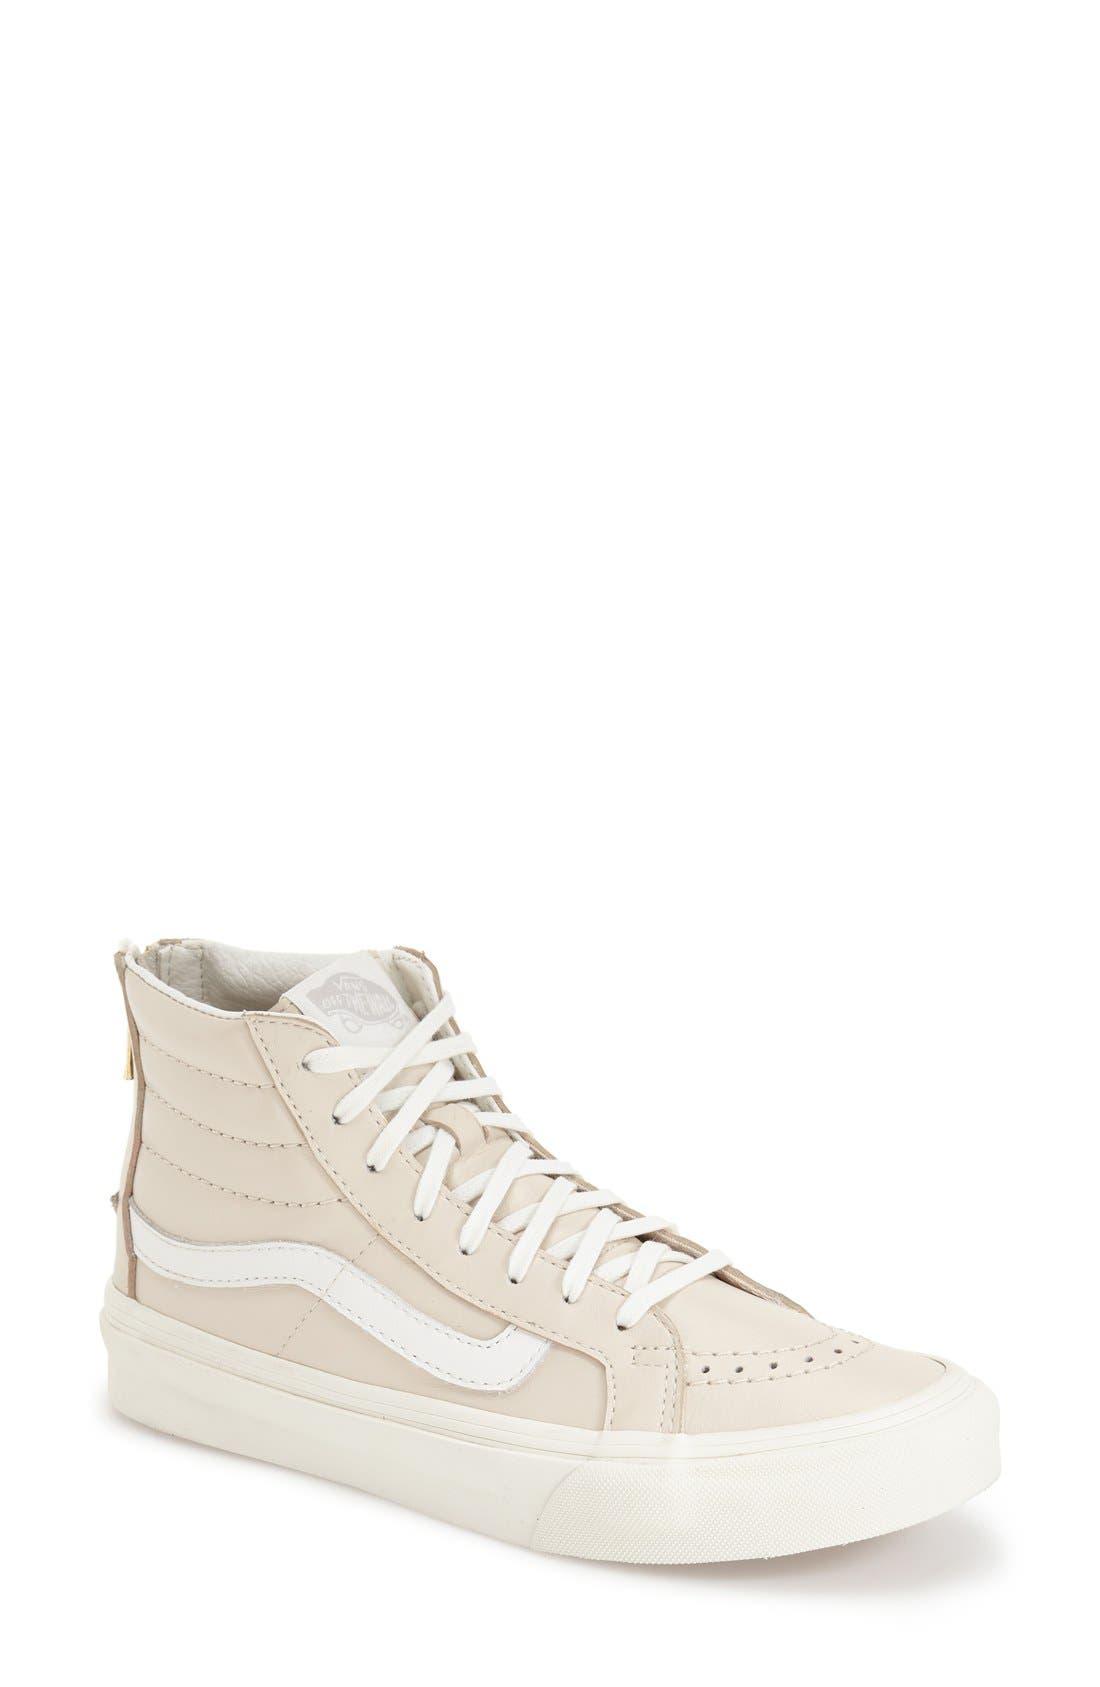 Main Image - Vans 'Sk8-Hi Slim' High Top Sneaker (Women)